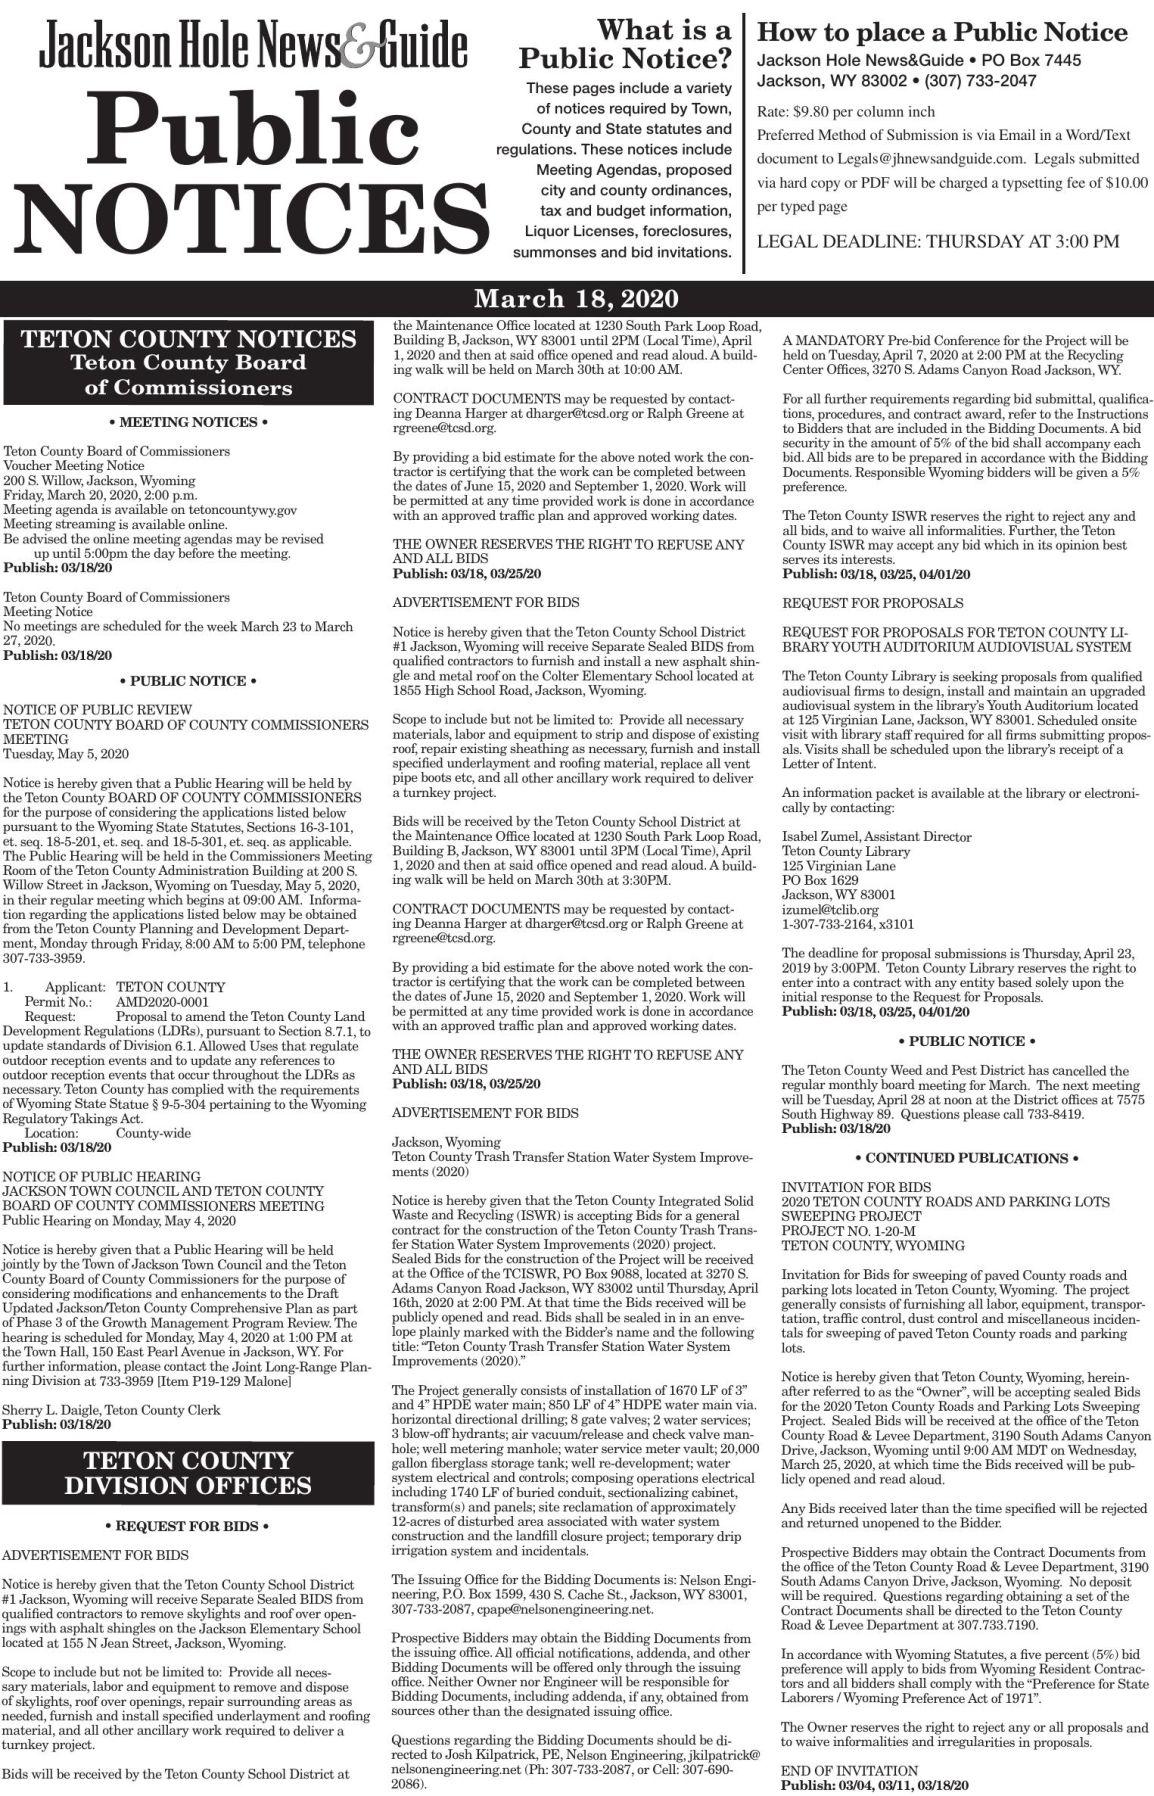 Public Notices, March 18, 2020